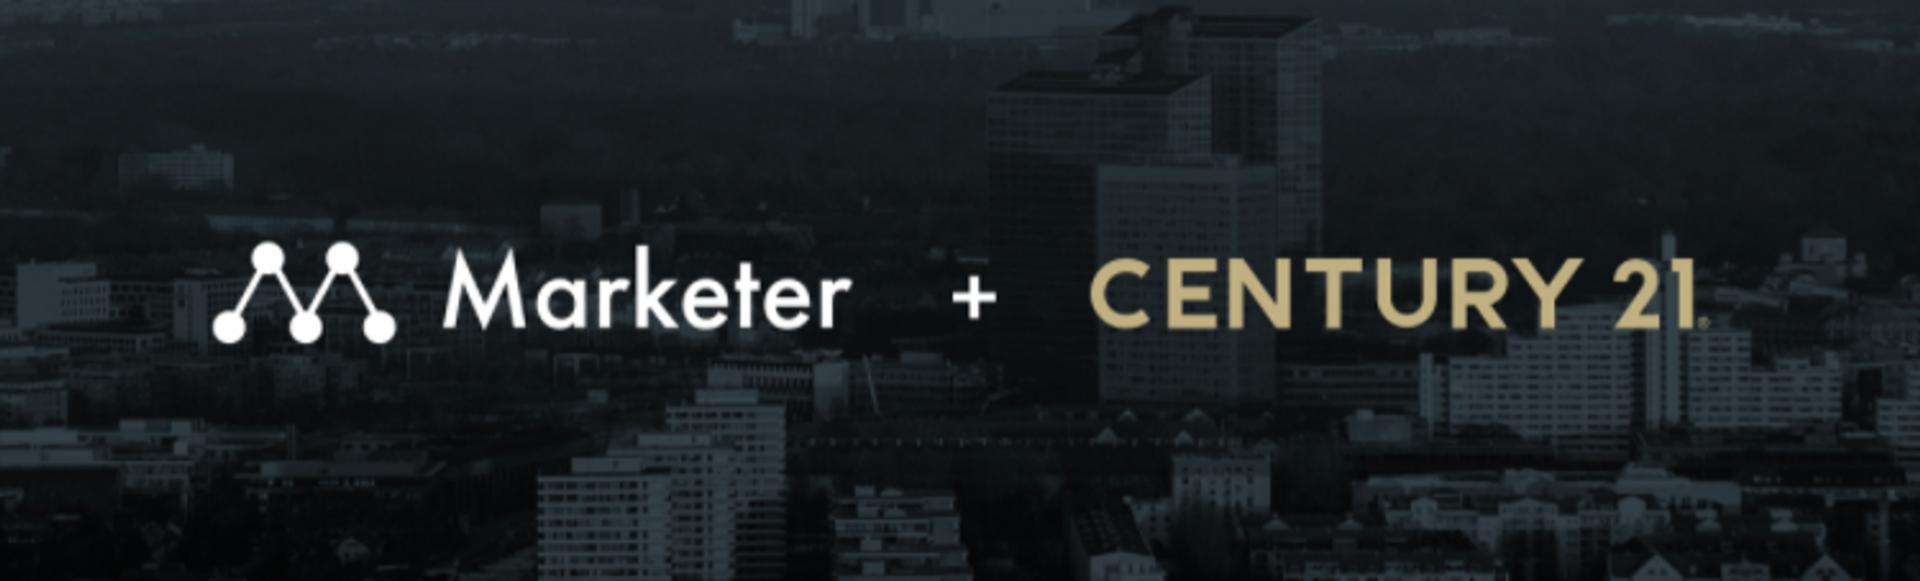 Wertvolle Kooperation zwischen CENTURY 21 + Marketer